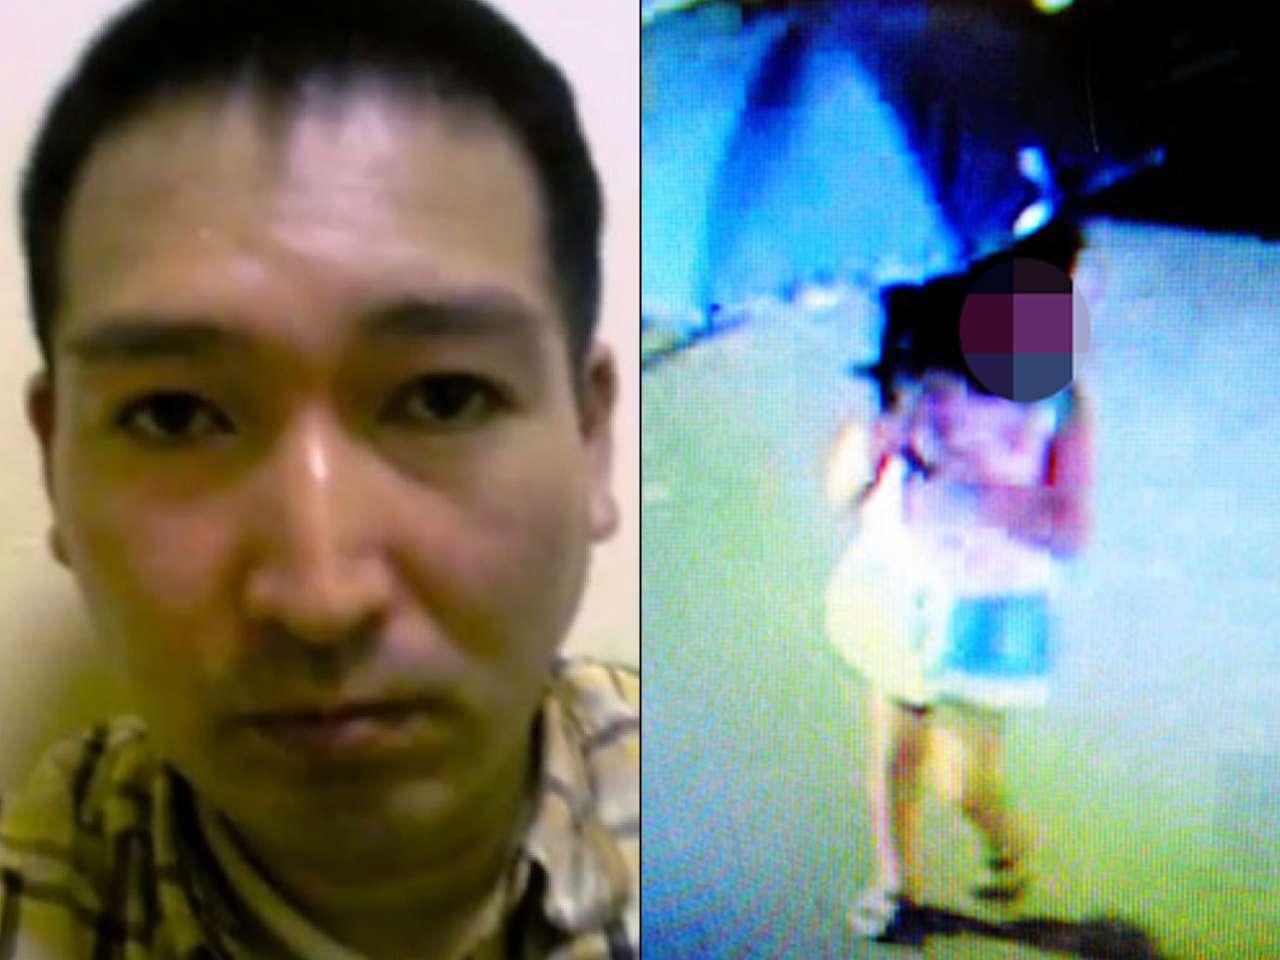 Según la agencia Kyodo, el sospechoso ha guardado hasta el momento silencio en los interrogatorios al ser cuestionado por la niña Foto: YouTube/Especial